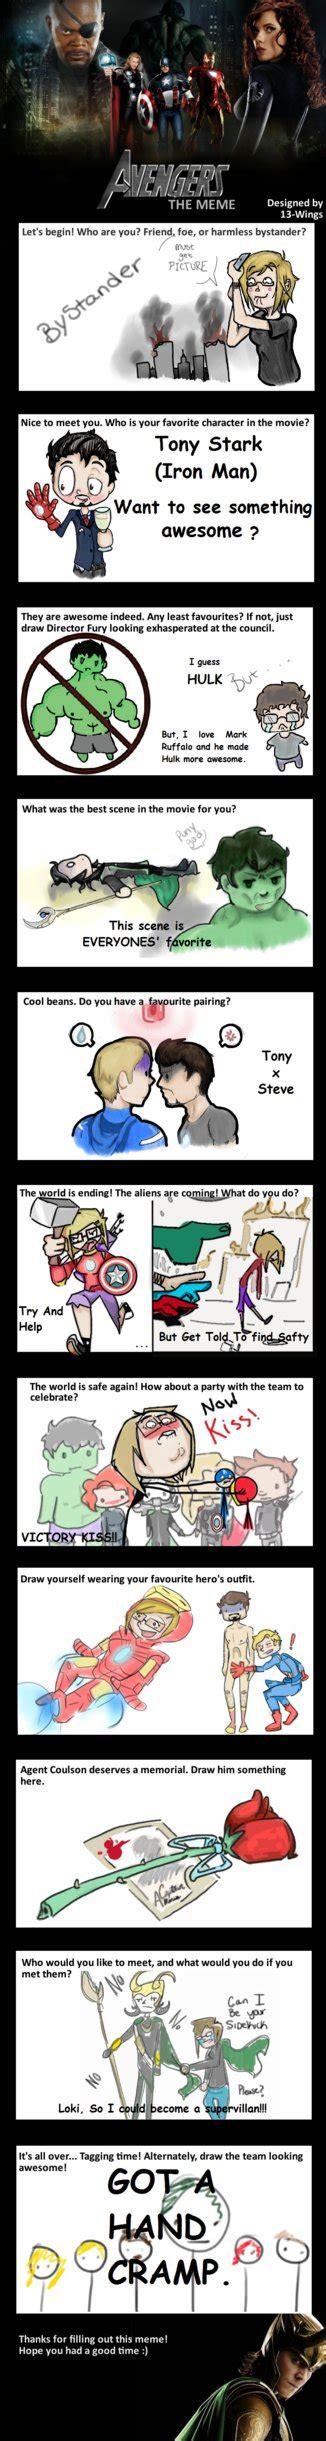 Meme Xx - avengers meme by xx jaci xx on deviantart